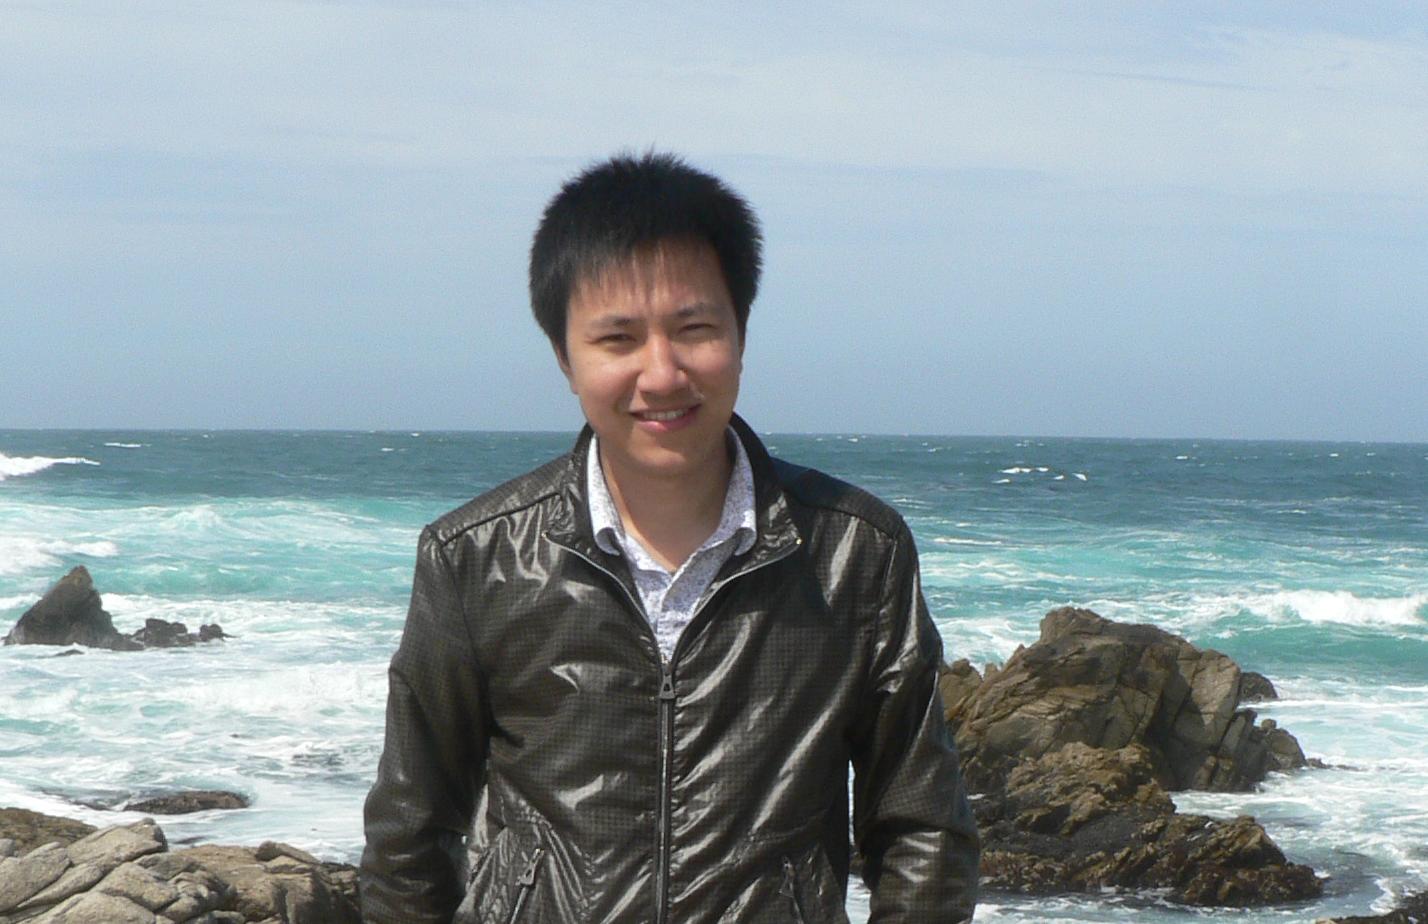 Kevin Zheng